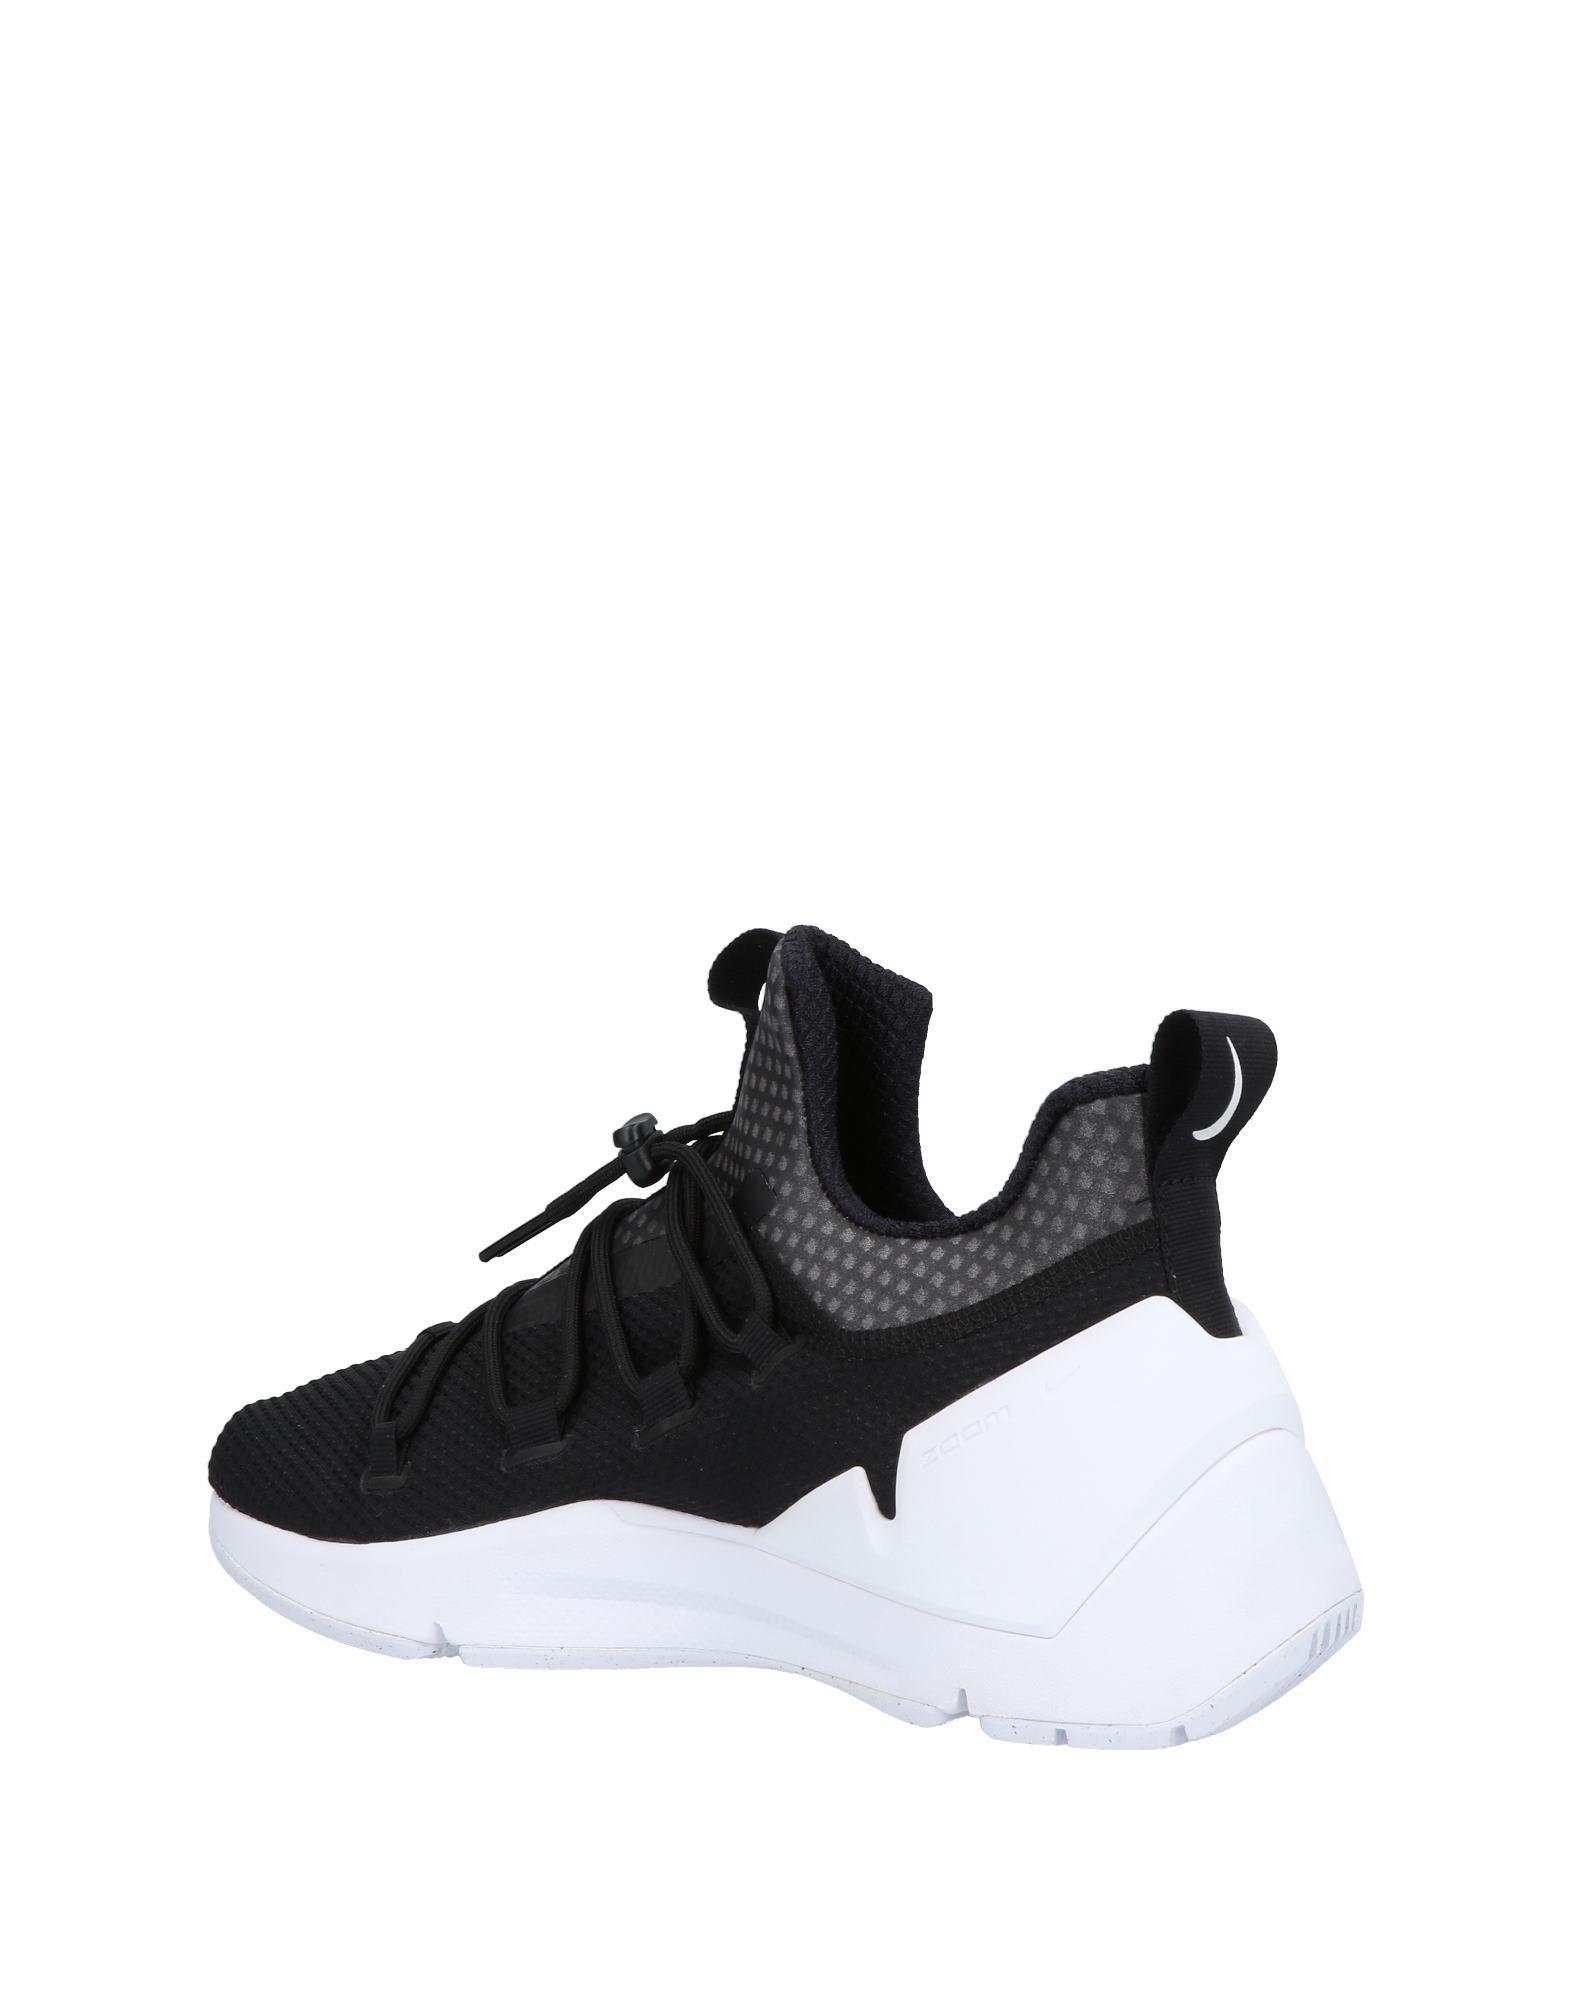 Rabatt echte Sneakers Schuhe Nike Sneakers echte Herren  11452914PH b9aec4